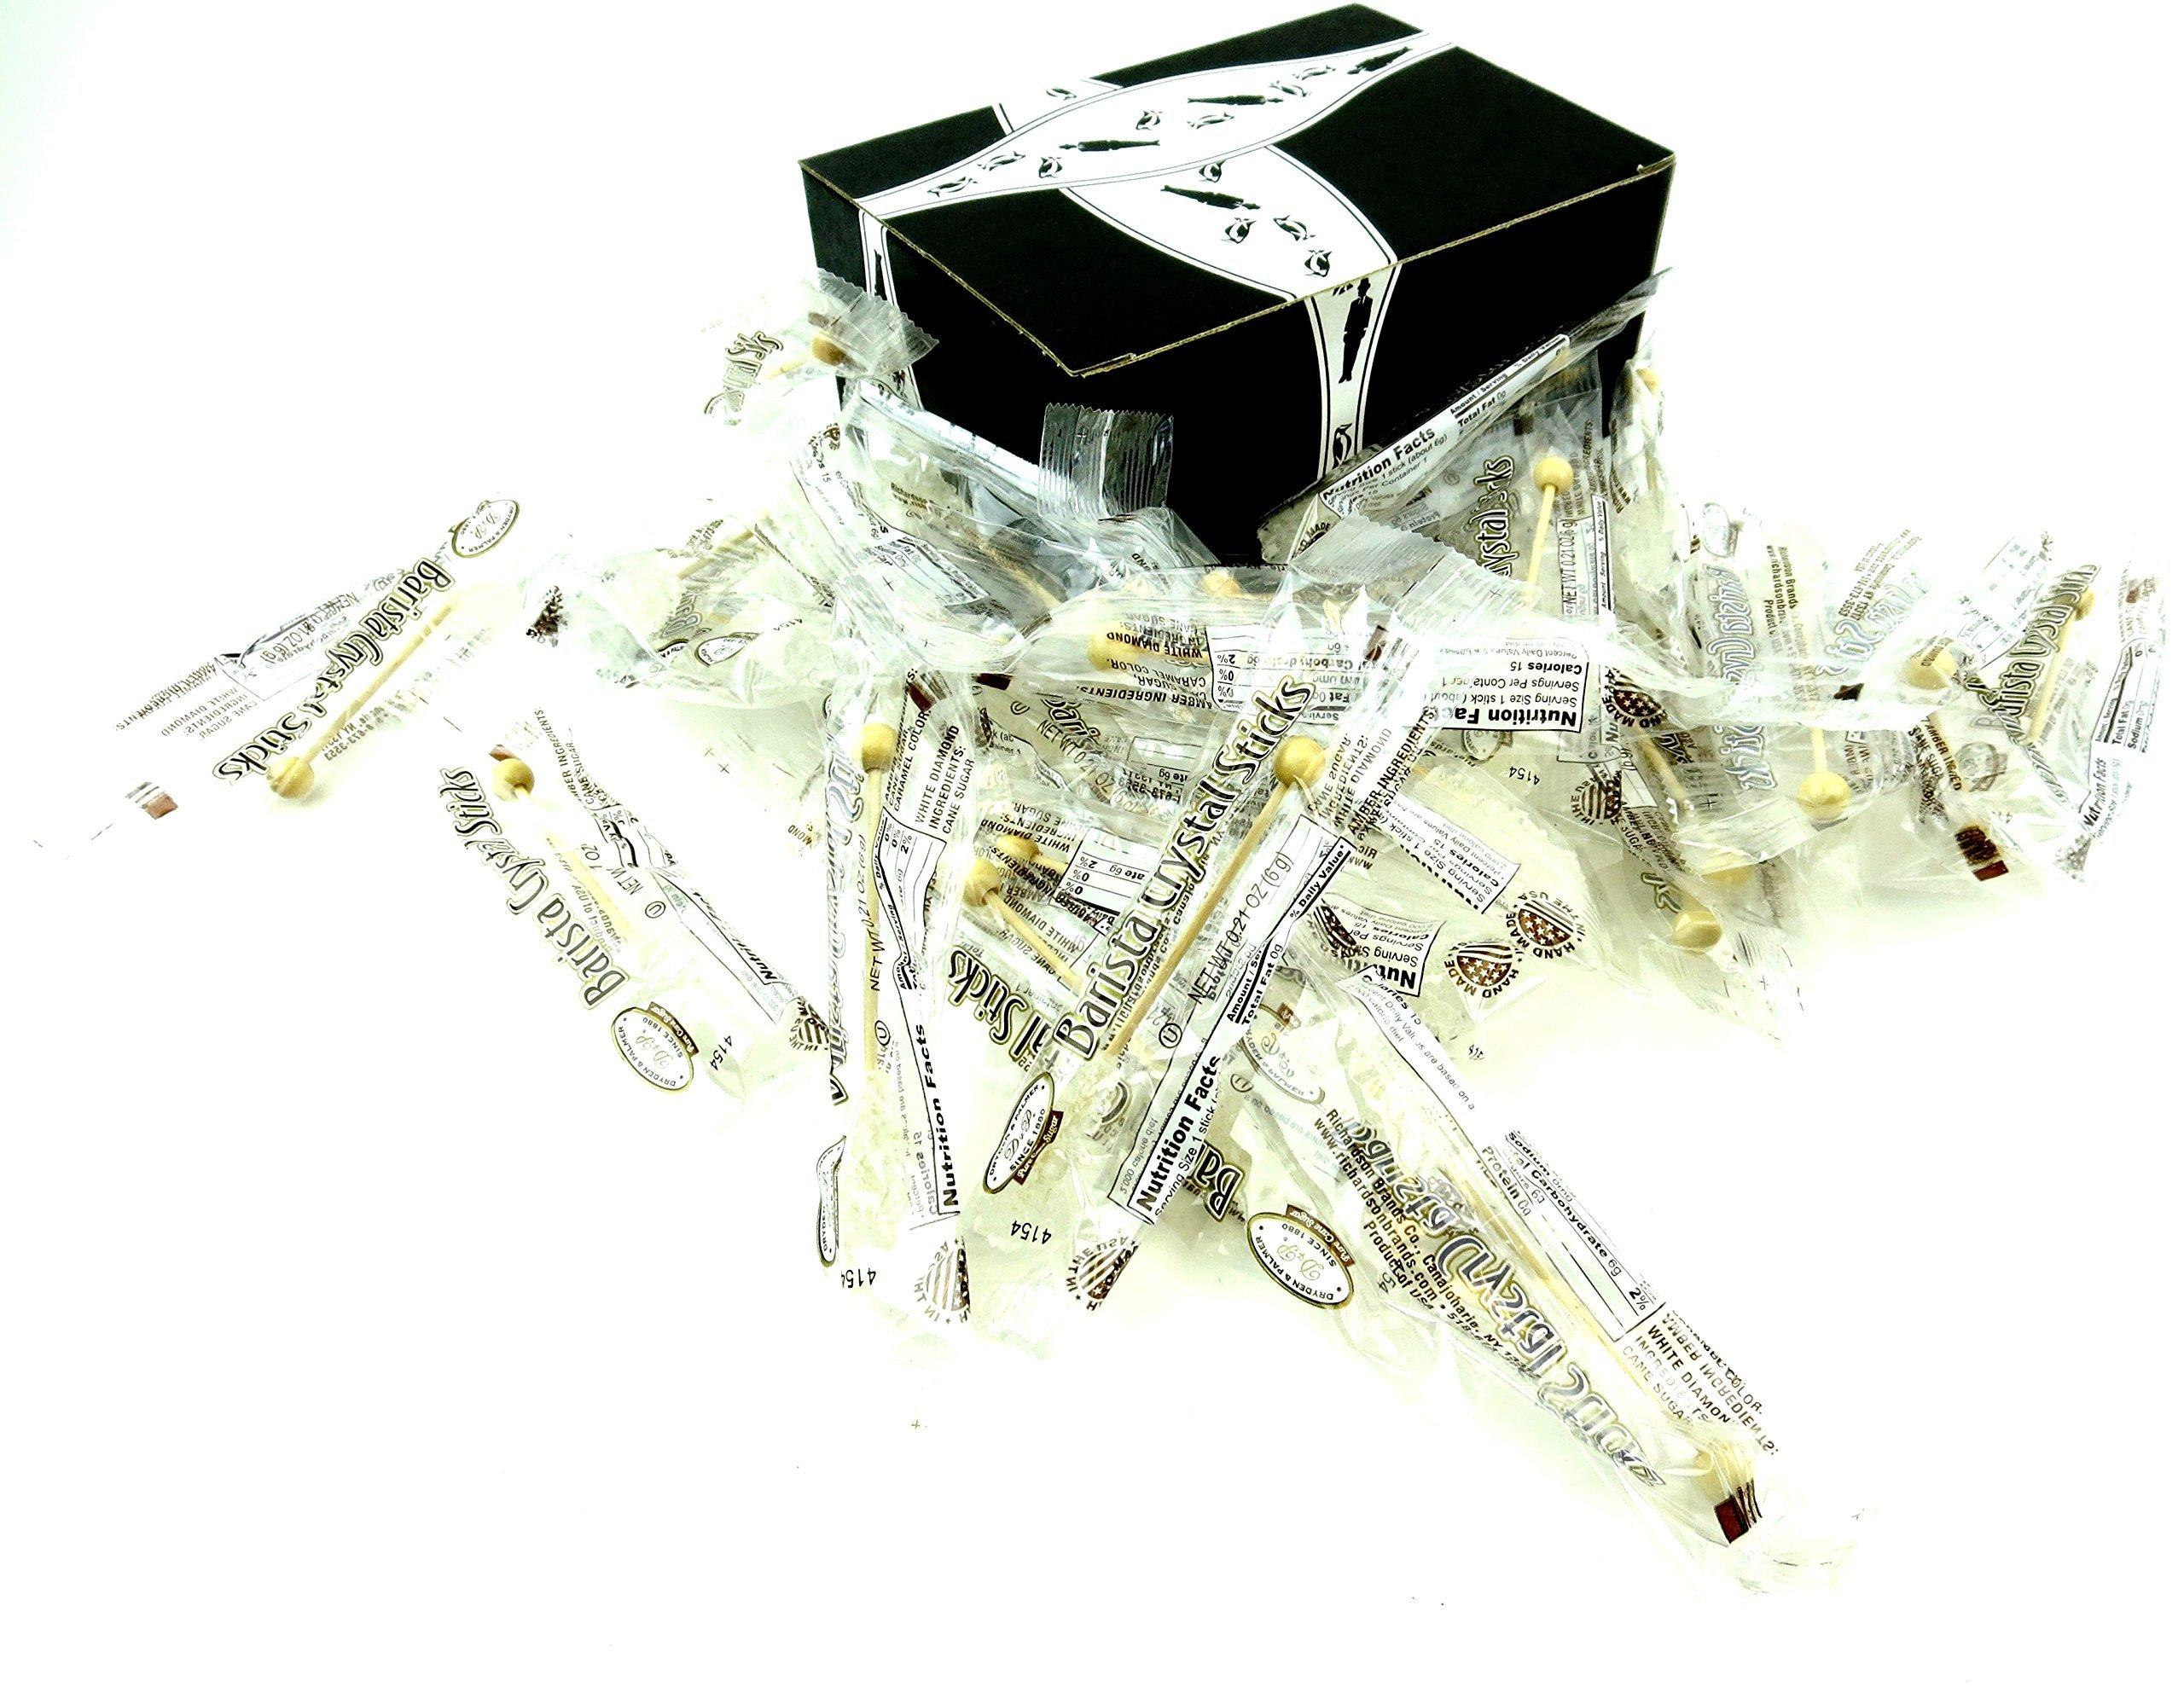 Dryden & Palmer White Rock Candy Barista Sticks, 4.5 Inch Demitasse Sticks in a BlackTie Box (Pack of 28)